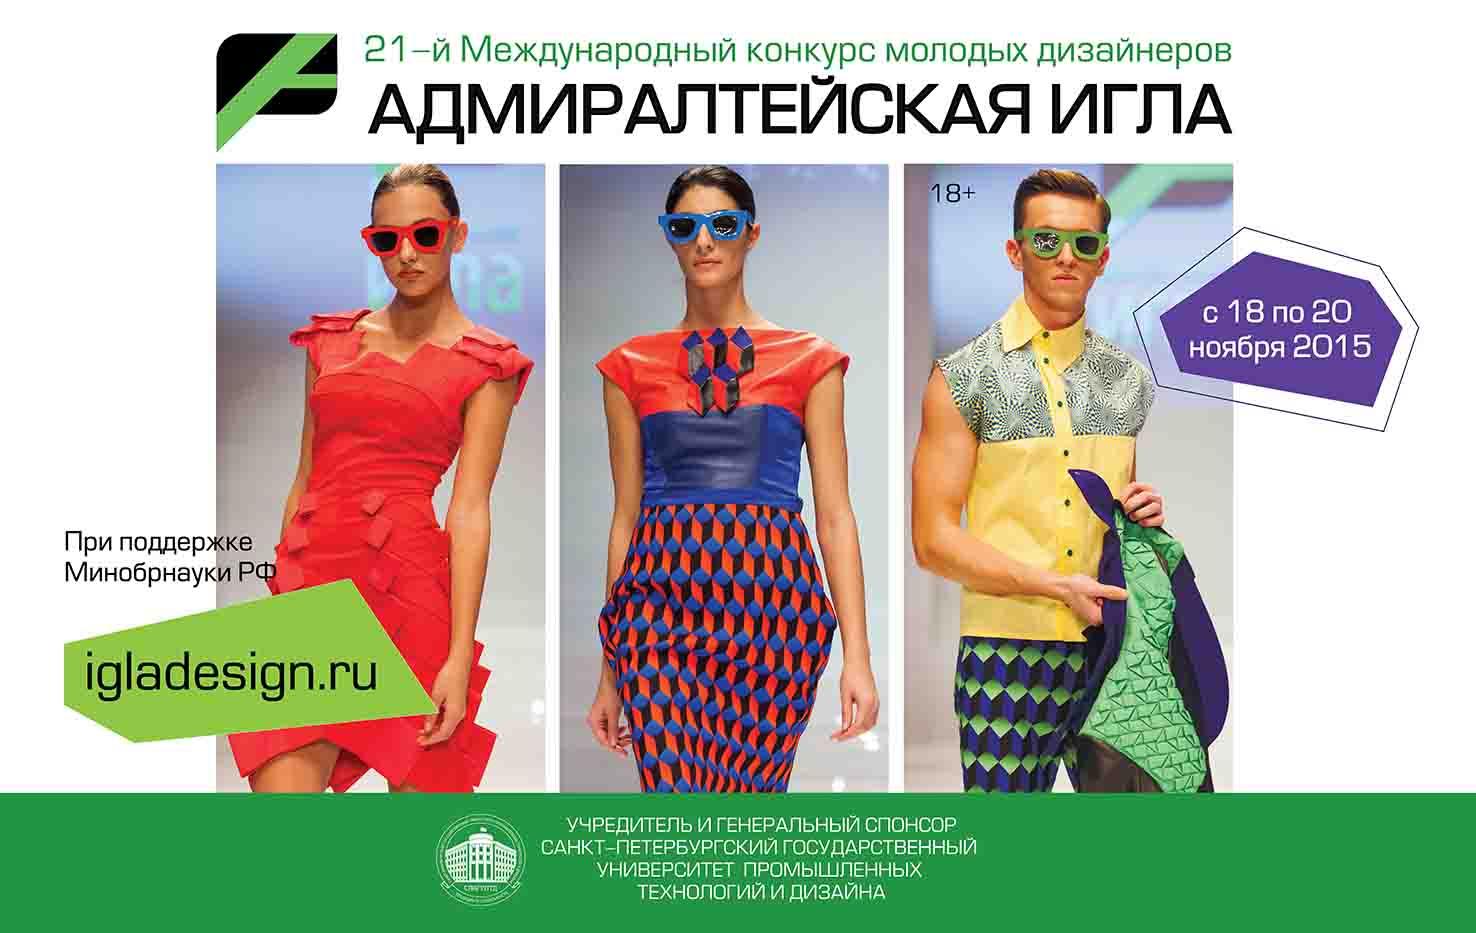 Конкурс для дизайнеров адмиралтейская игла